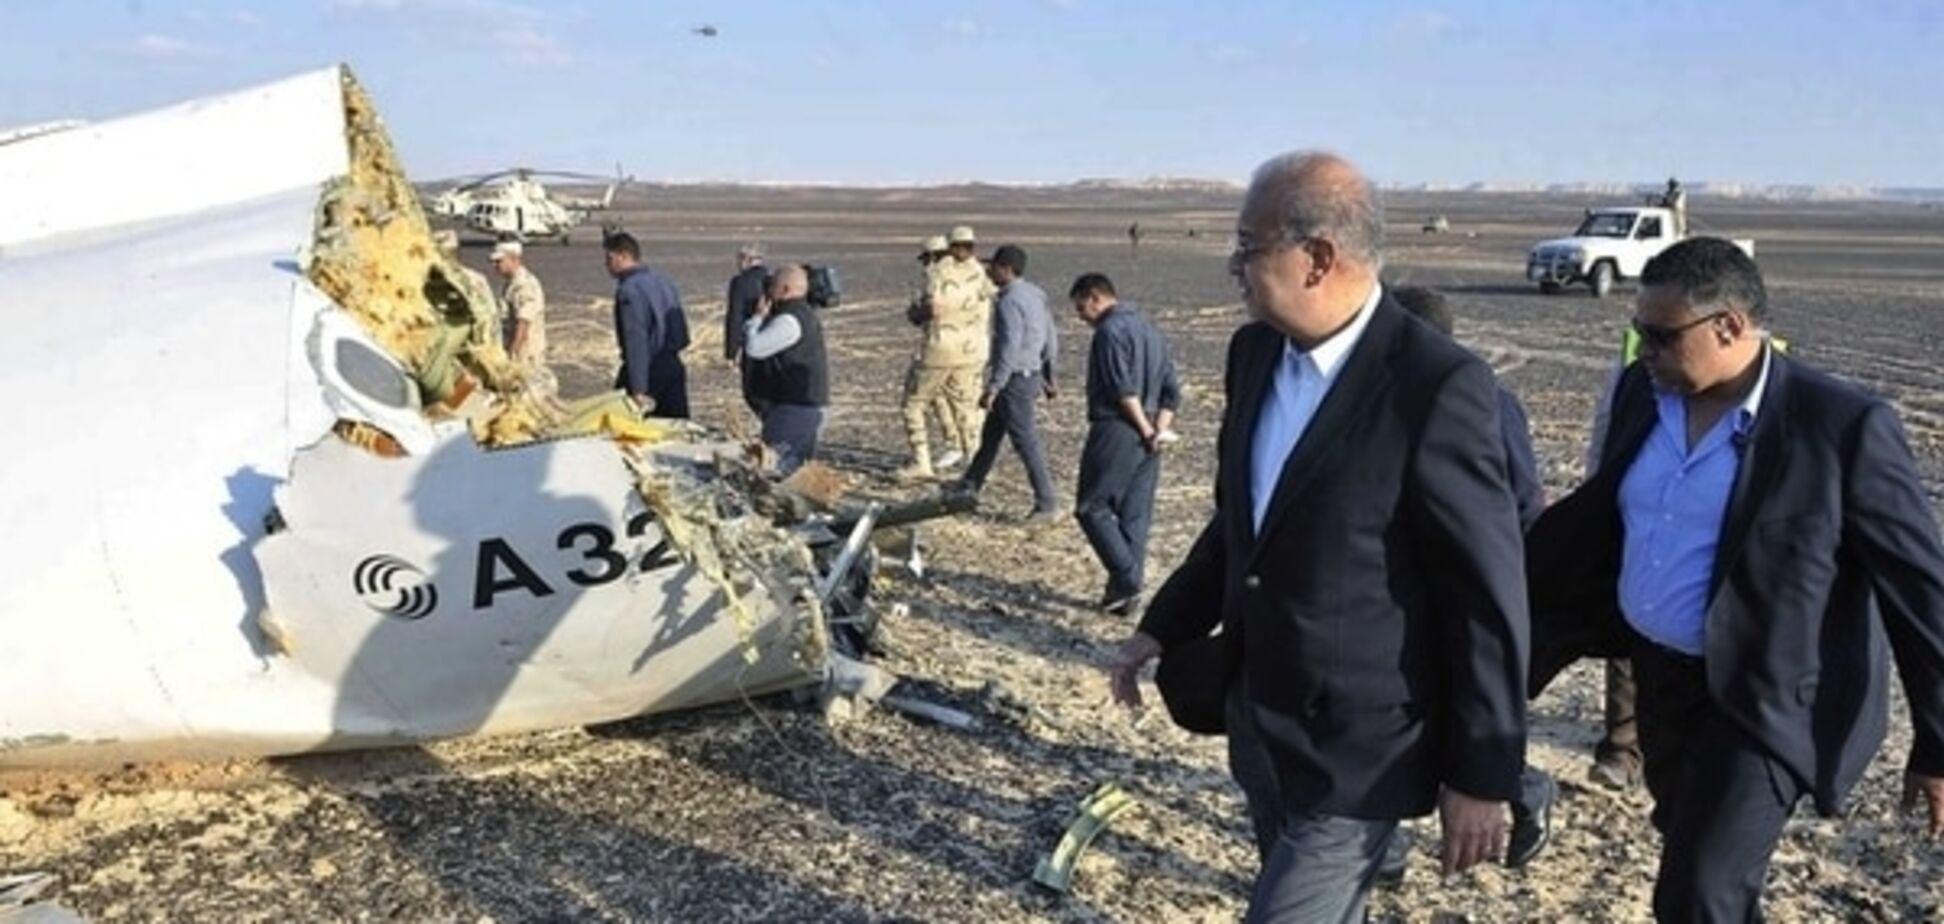 МИД назвал имена четырех украинцев, погибших в авиакатастрофе в Египте